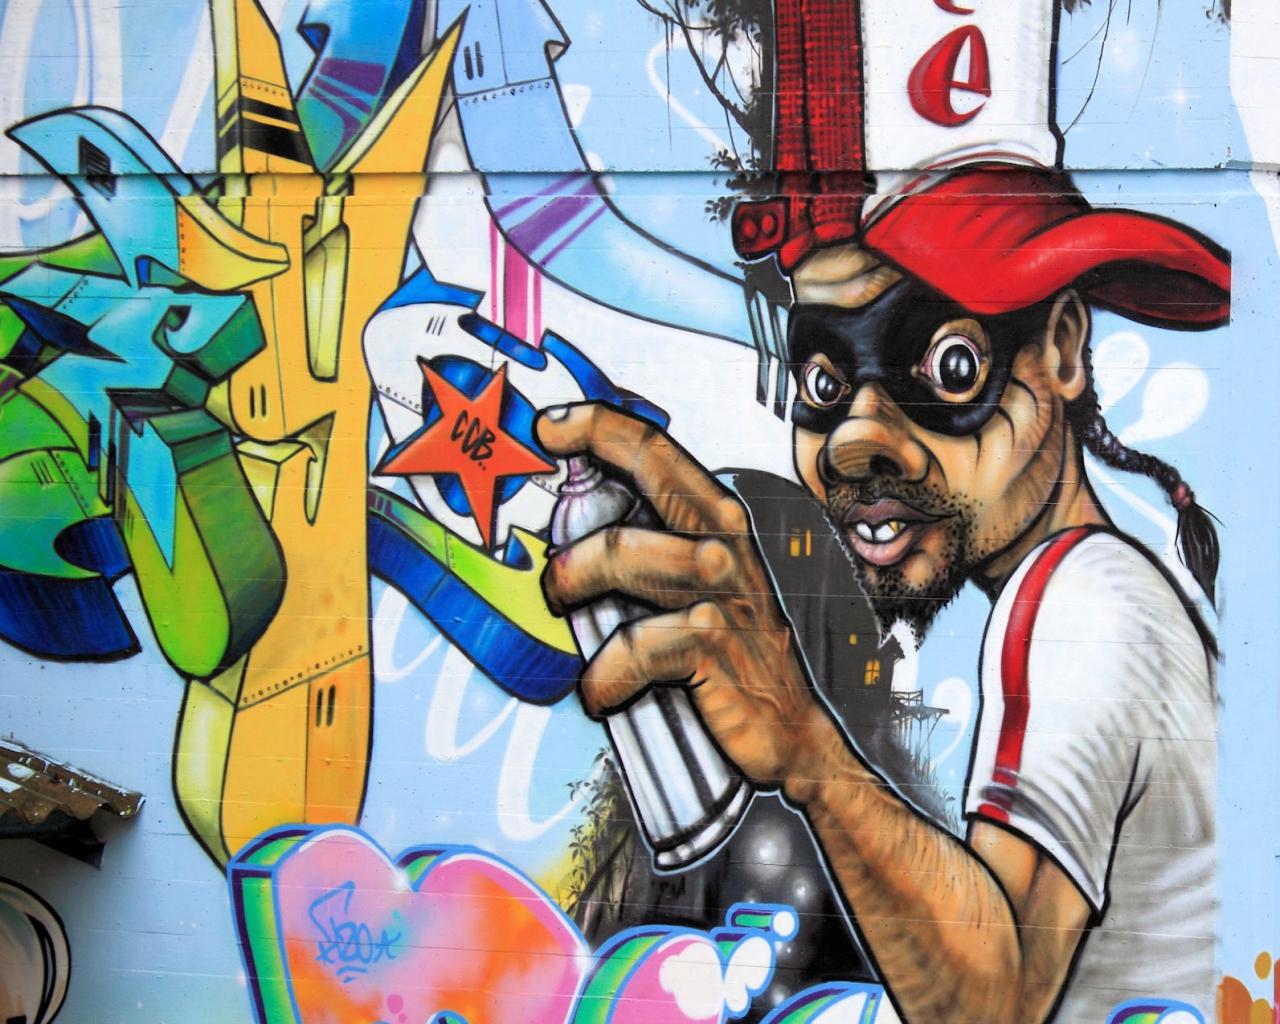 http://2.bp.blogspot.com/-7OPn6kiuRtE/T-_tilEaF7I/AAAAAAAAHGI/BBG1le-OArs/s1600/Graffiti%2BWallpaper%2B073.jpg